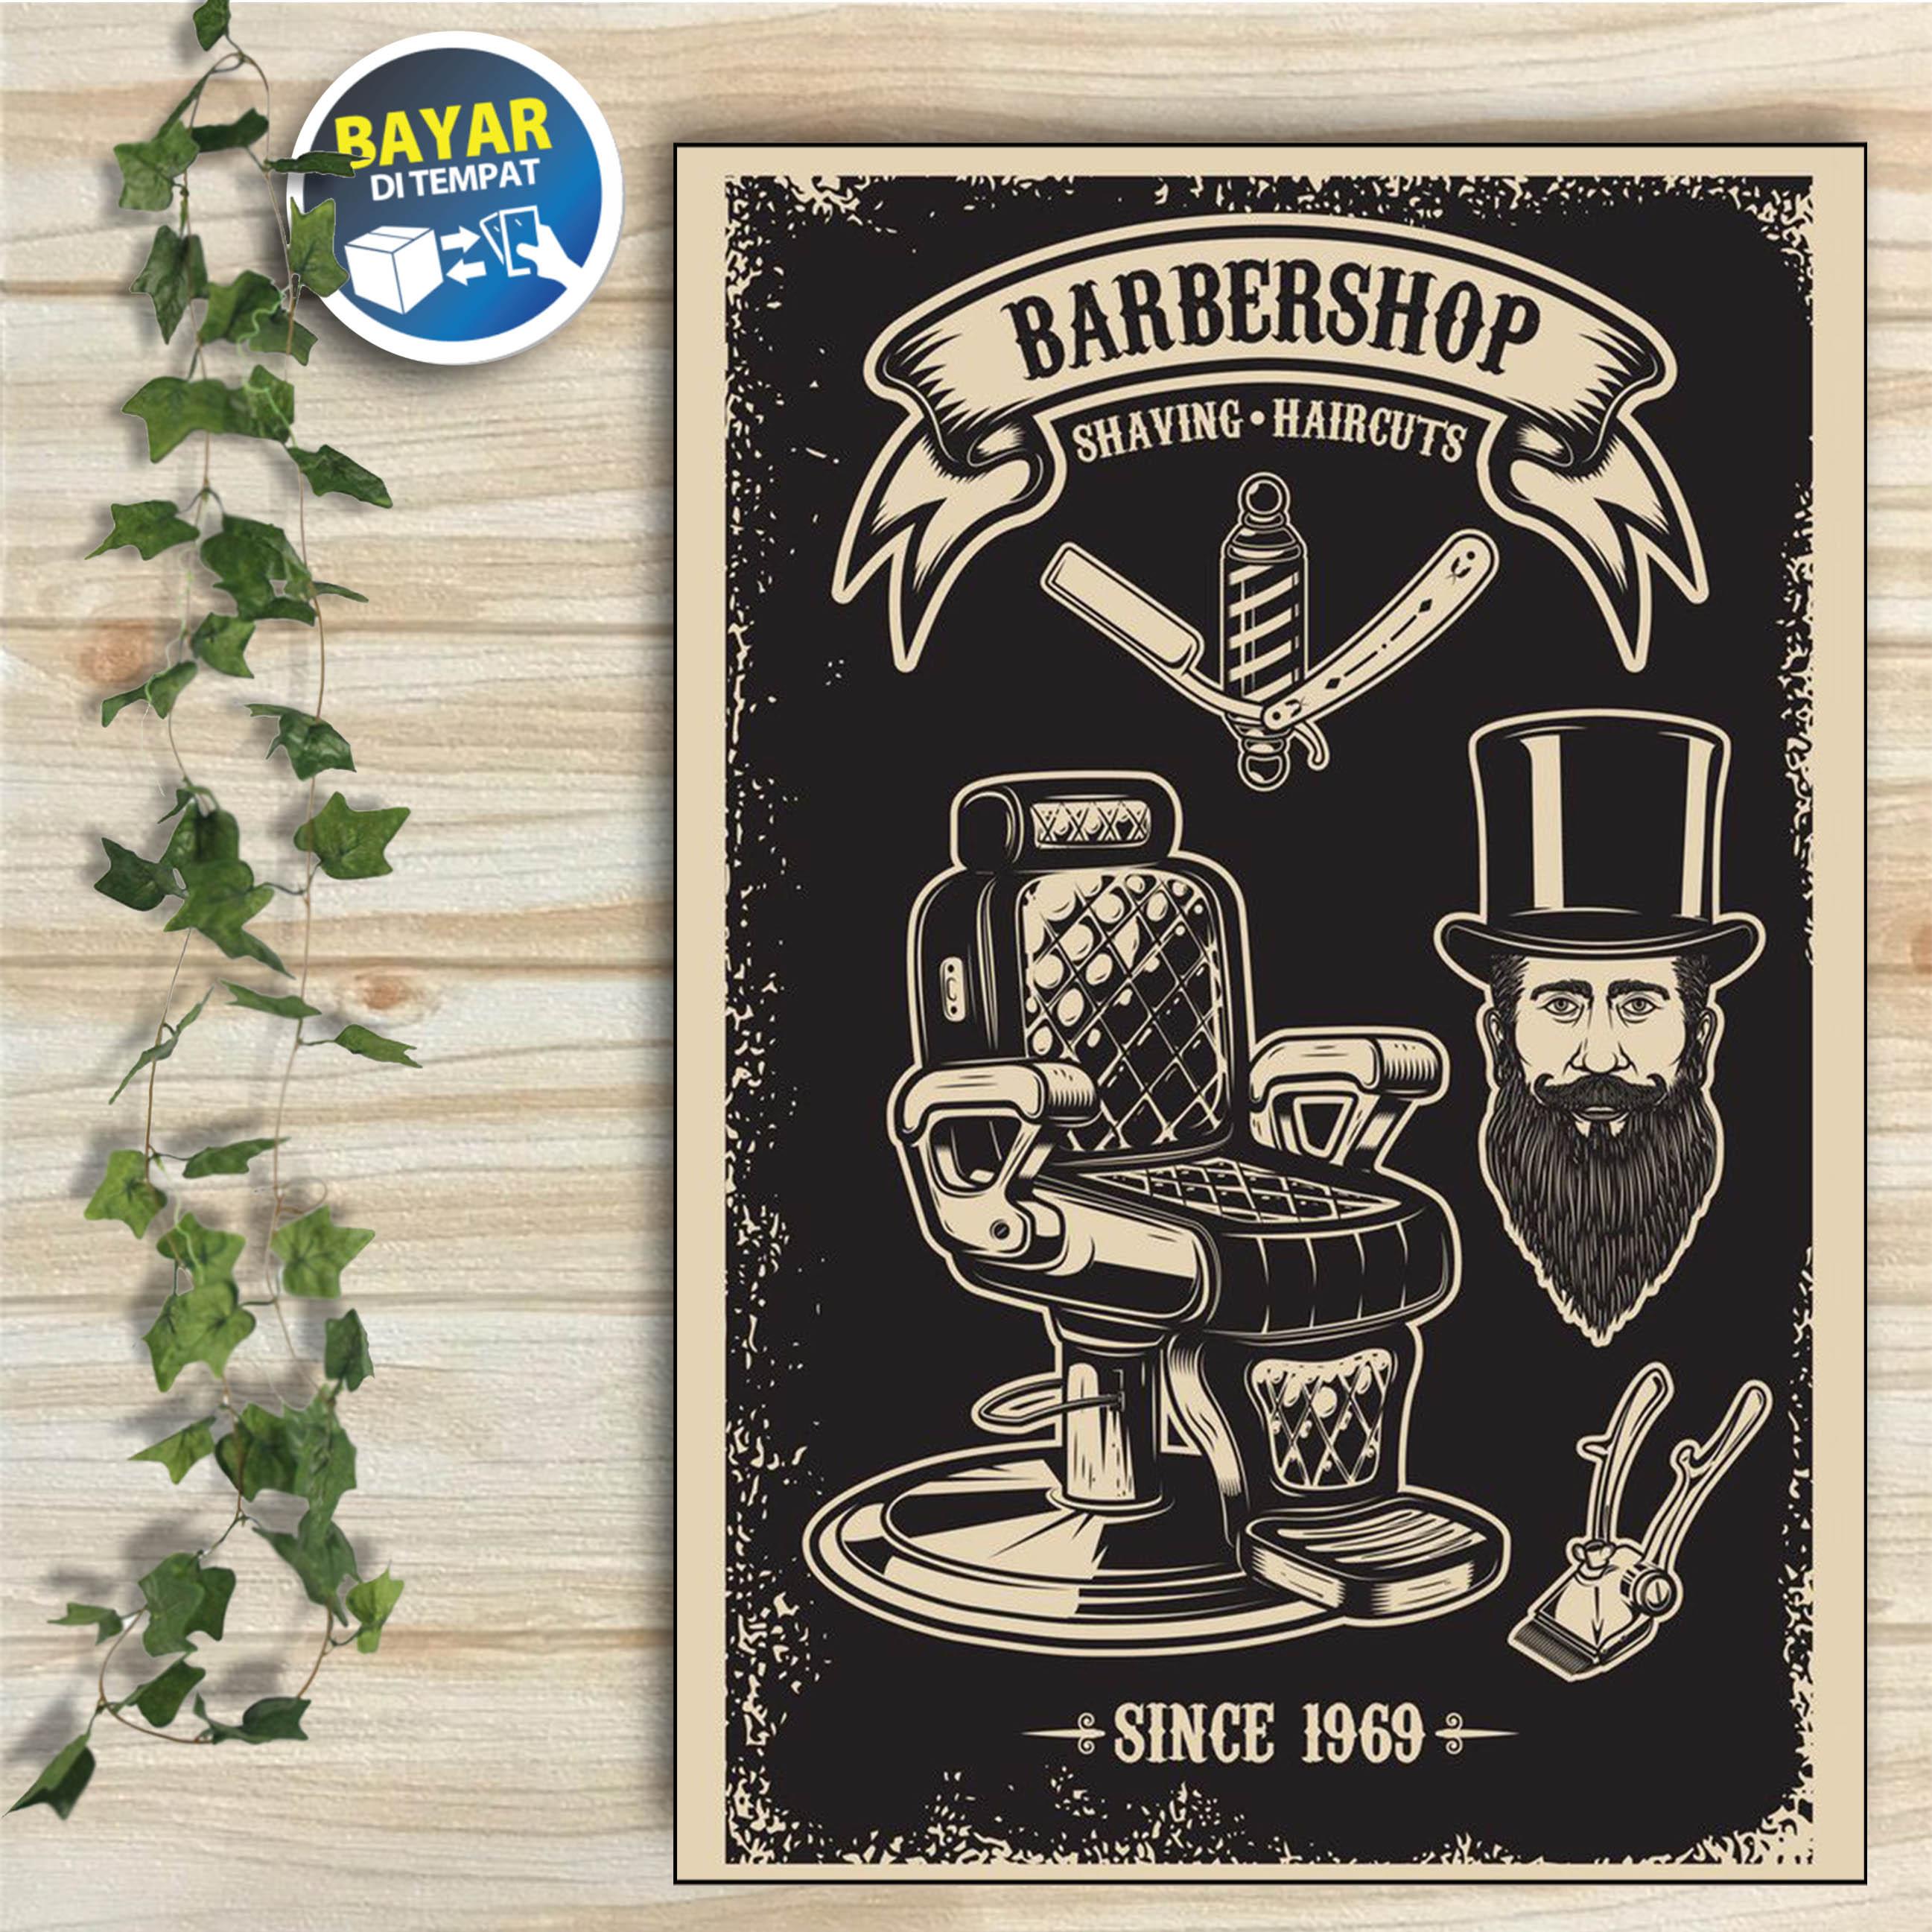 bbs011 – hiasan dinding tema barber shop ukuran 20x30 cm/ poster kayu / wall decor / dekorasi rumah / hiasan unik / hiasan ruangan